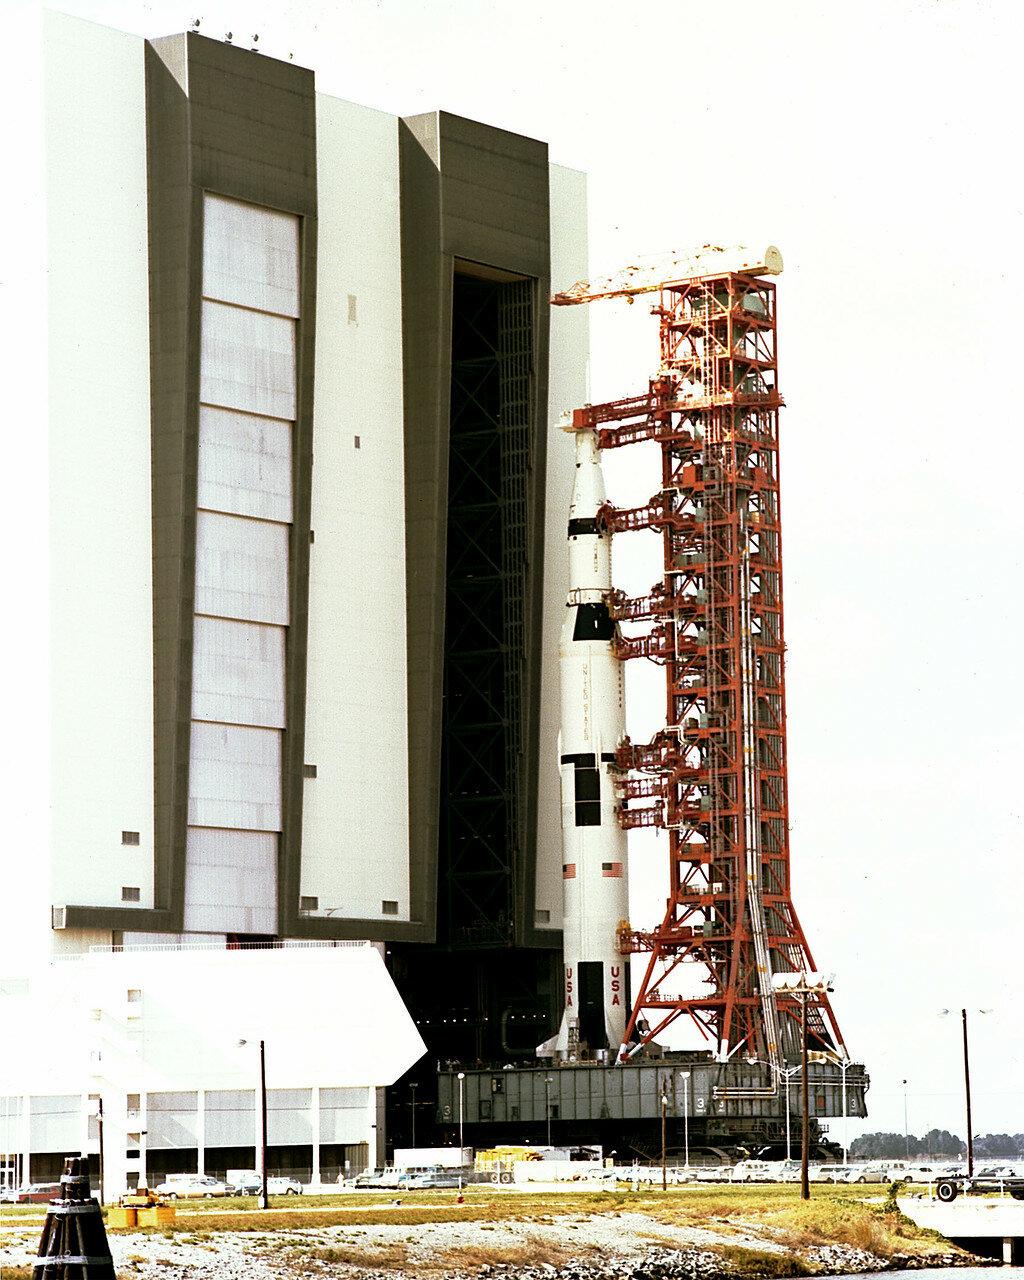 Командно-служебный модуль был демонтирован и после всех замен снова водружён на своё место на вершине ракеты. 9 февраля «Аполлон-16» был окончательно установлен на стартовом столе. Следующее после 17 марта «окно» для запуска открывалось 16 апреля